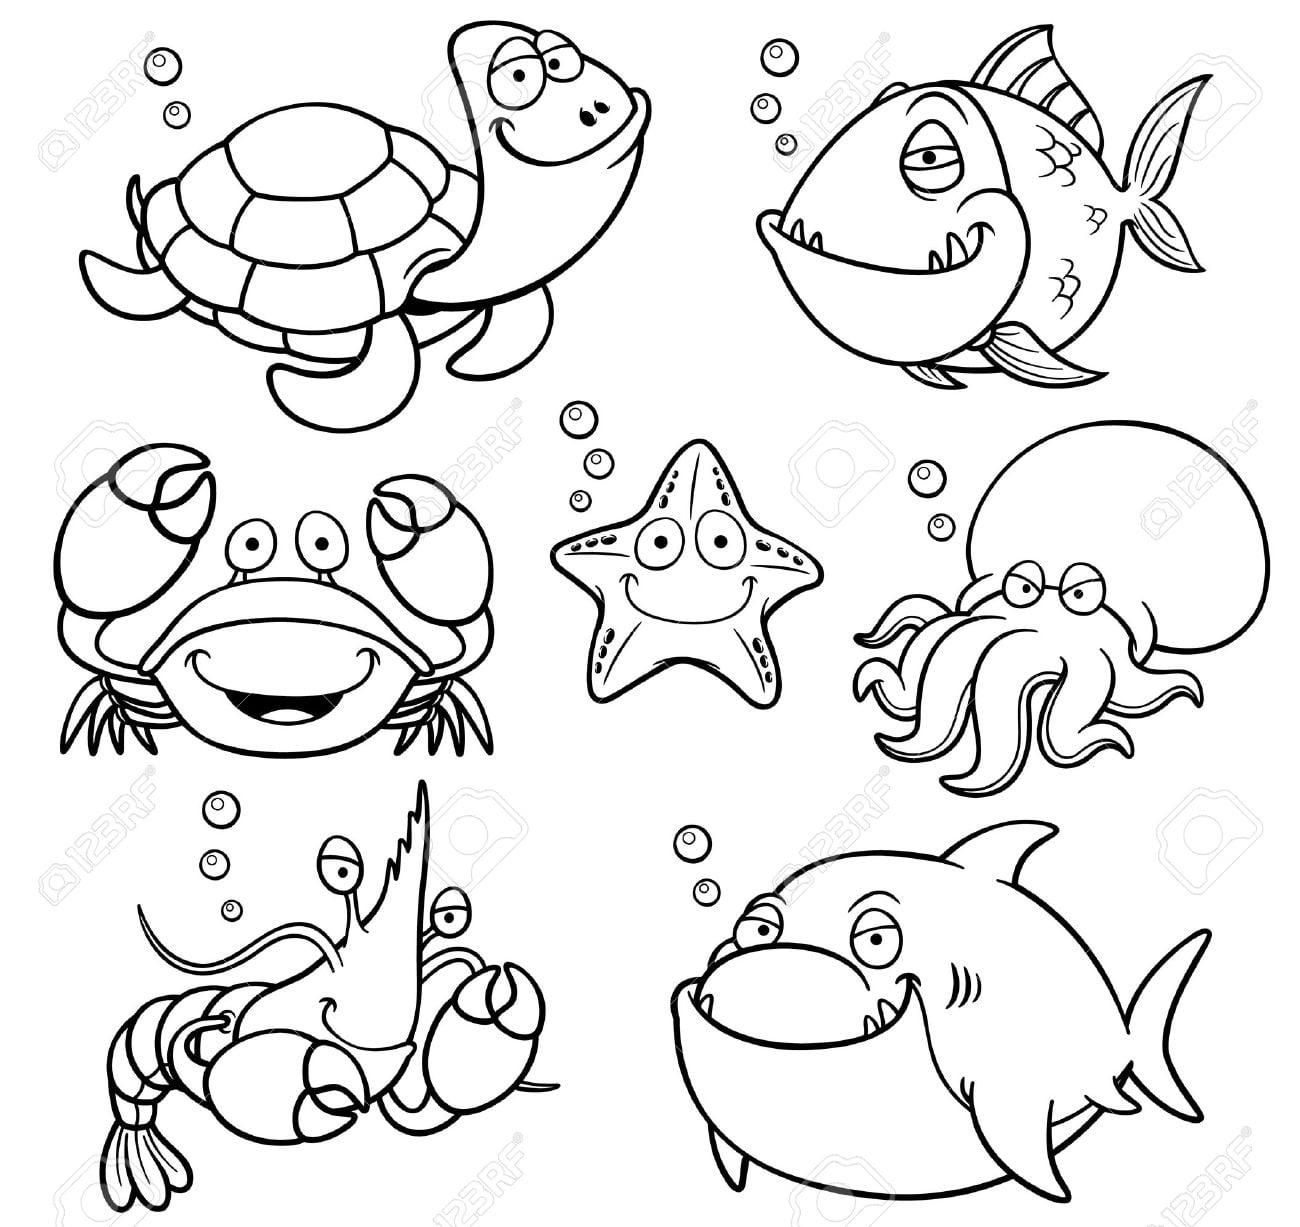 Animales marinos para colorear